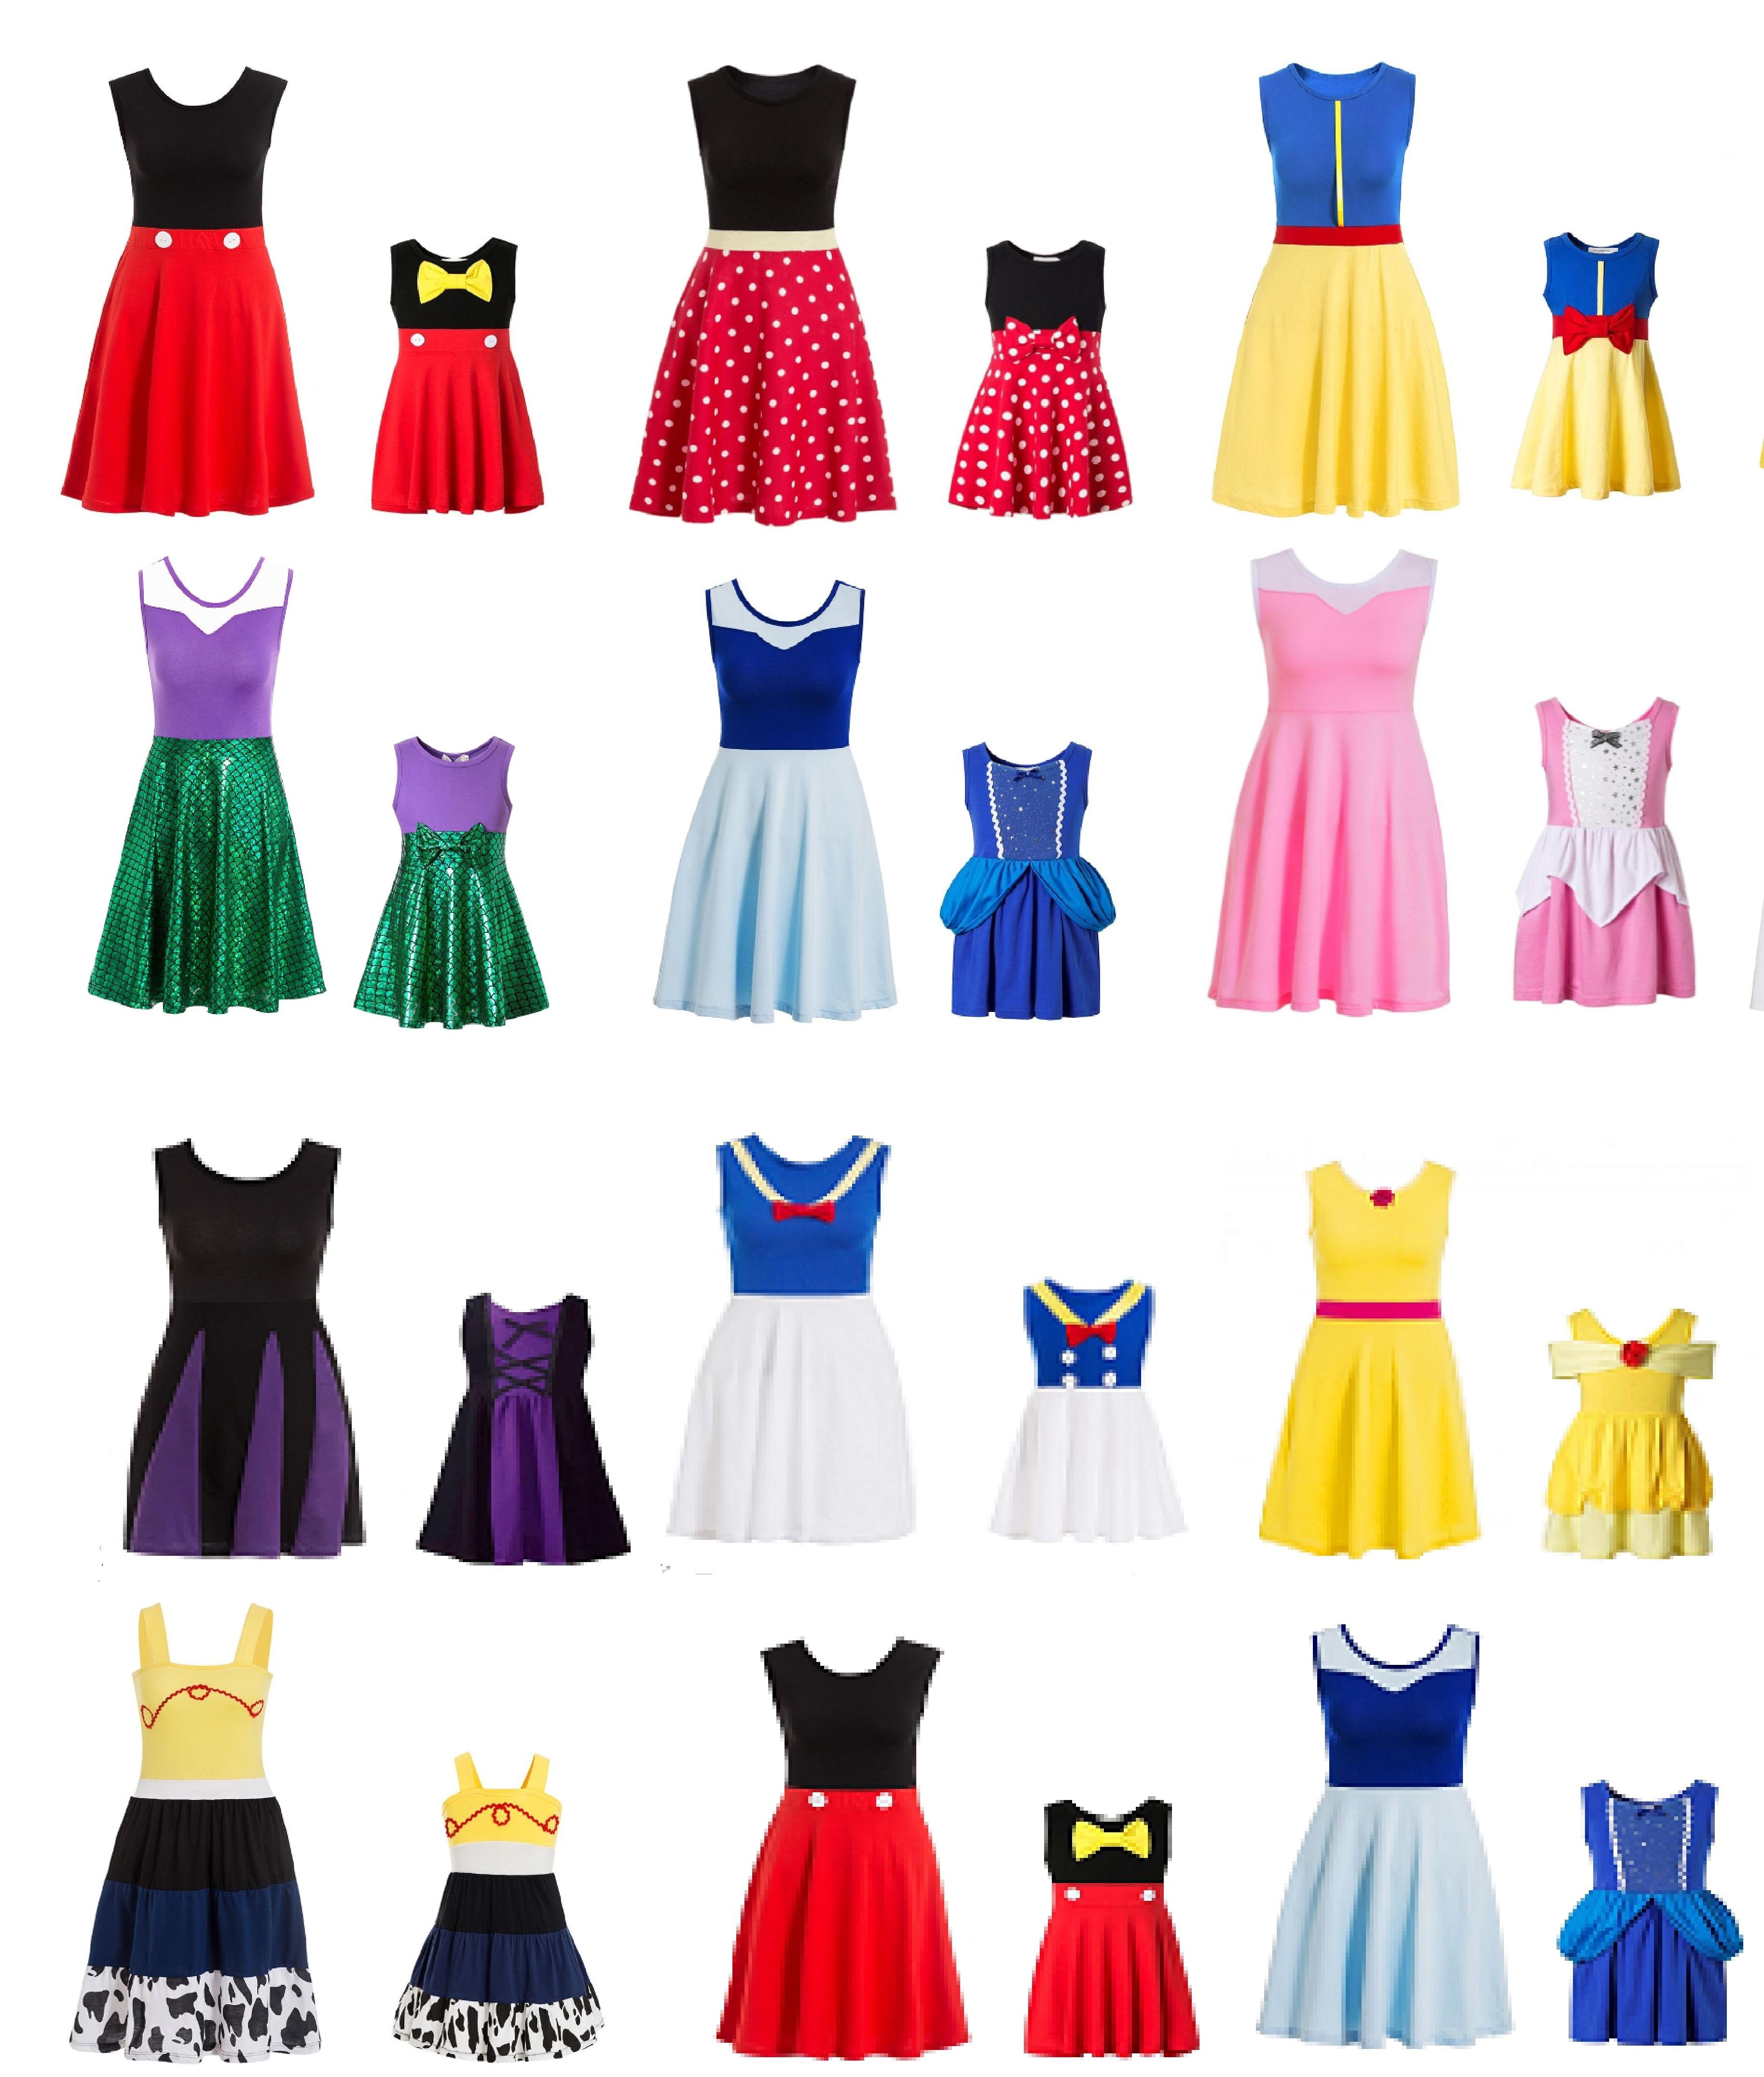 Платье для мамы и принцессы; одинаковые Семейные костюмы для мамы и меня с Минни; большие размеры; женские платья принцессы в горошек